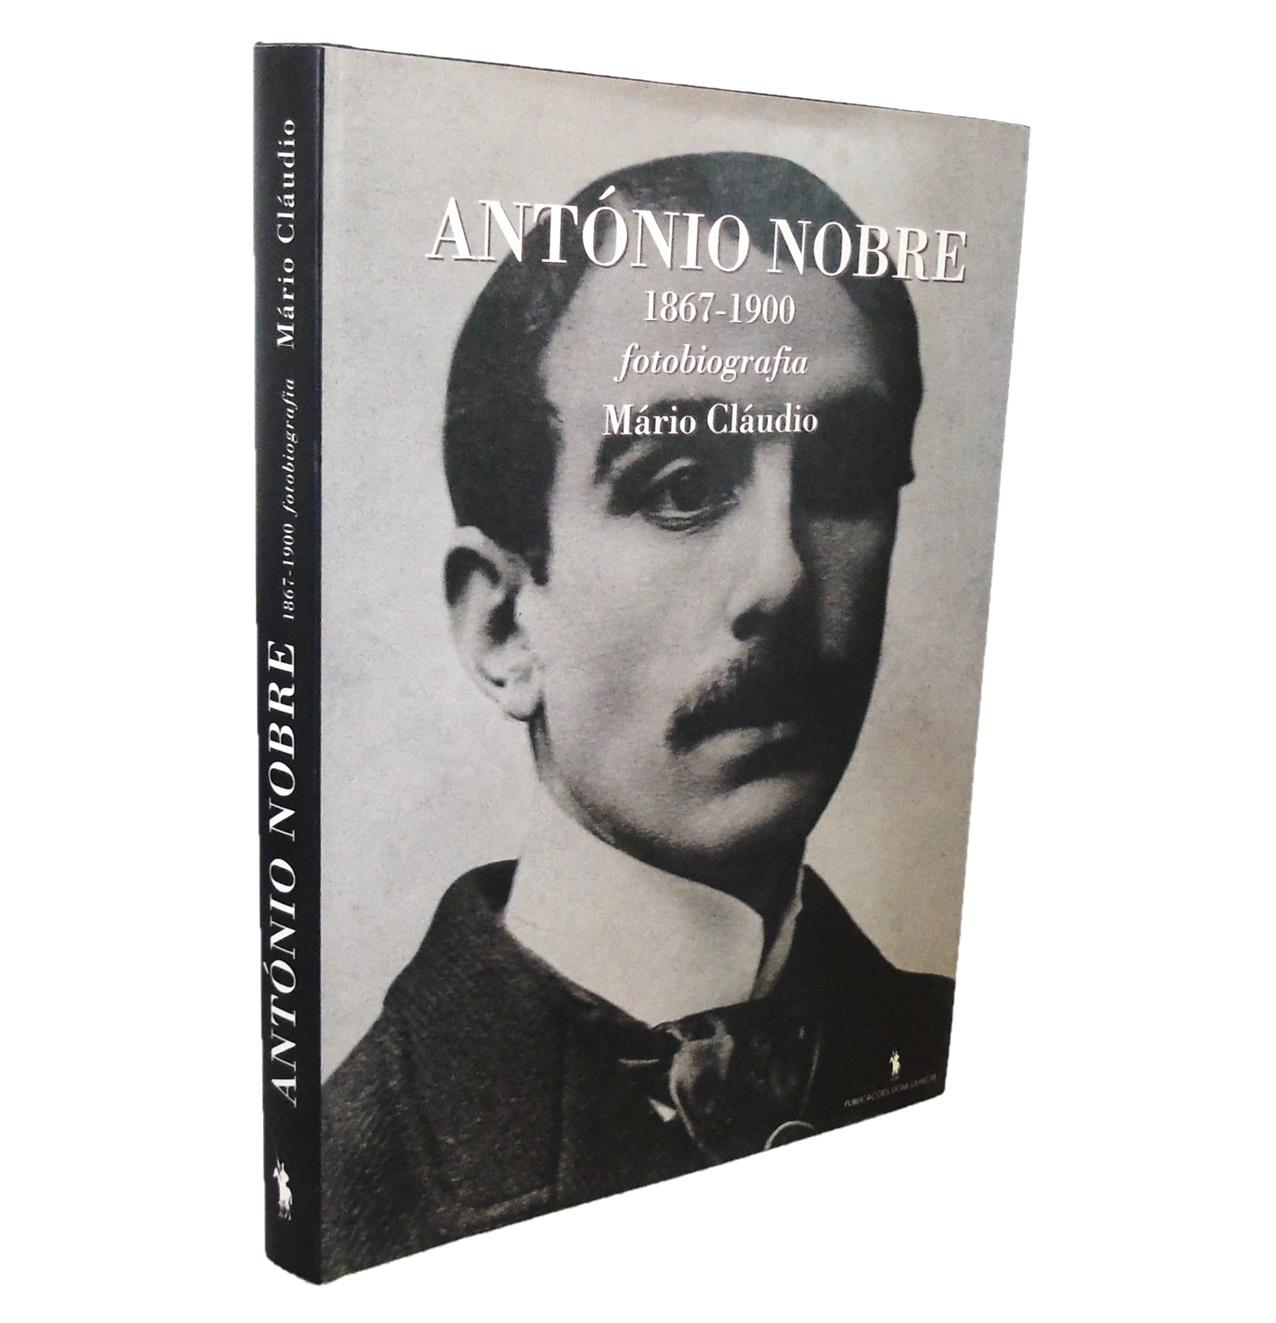 ANTÓNIO NOBRE 1867-1900: